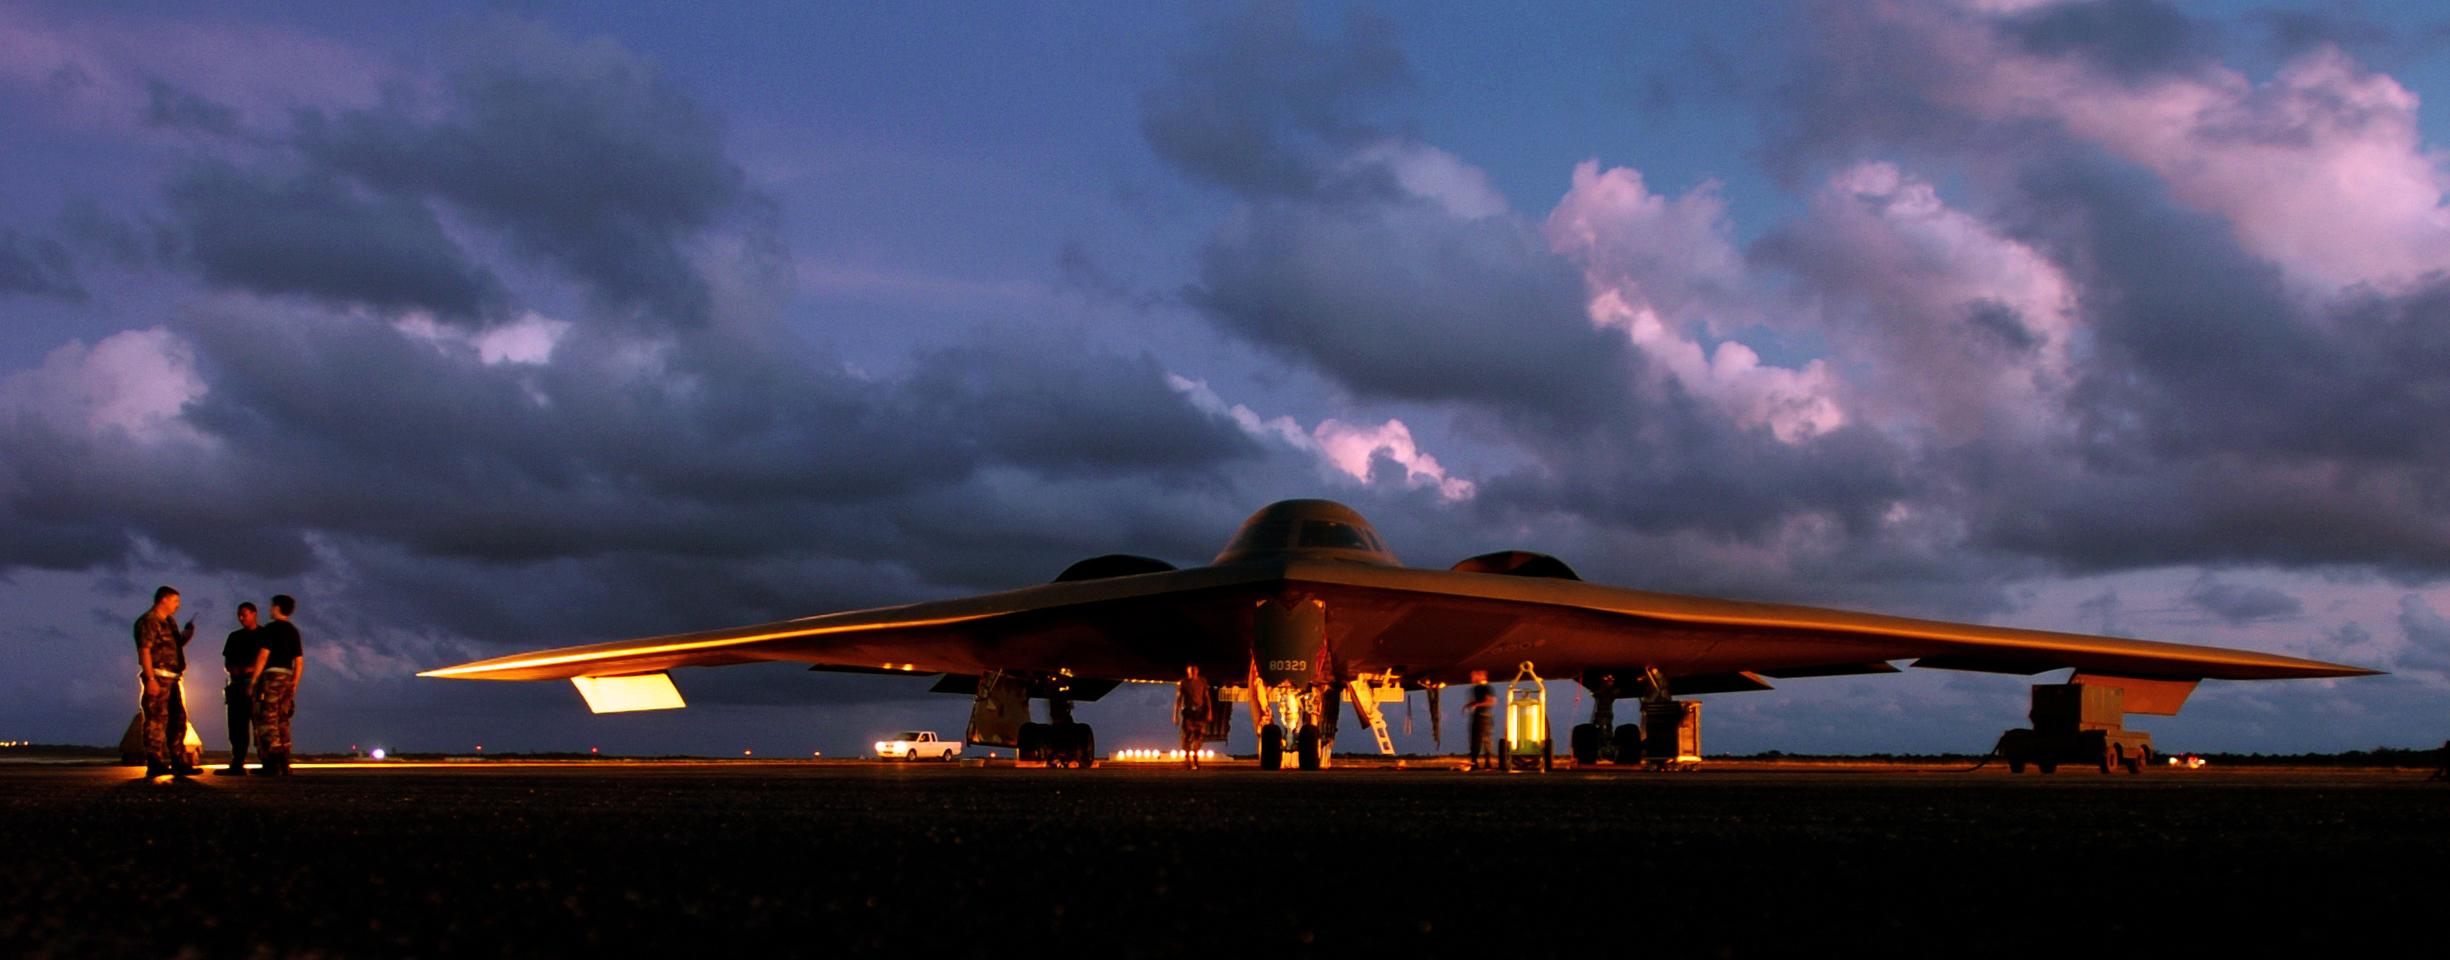 美国空袭中国最可能的阵型